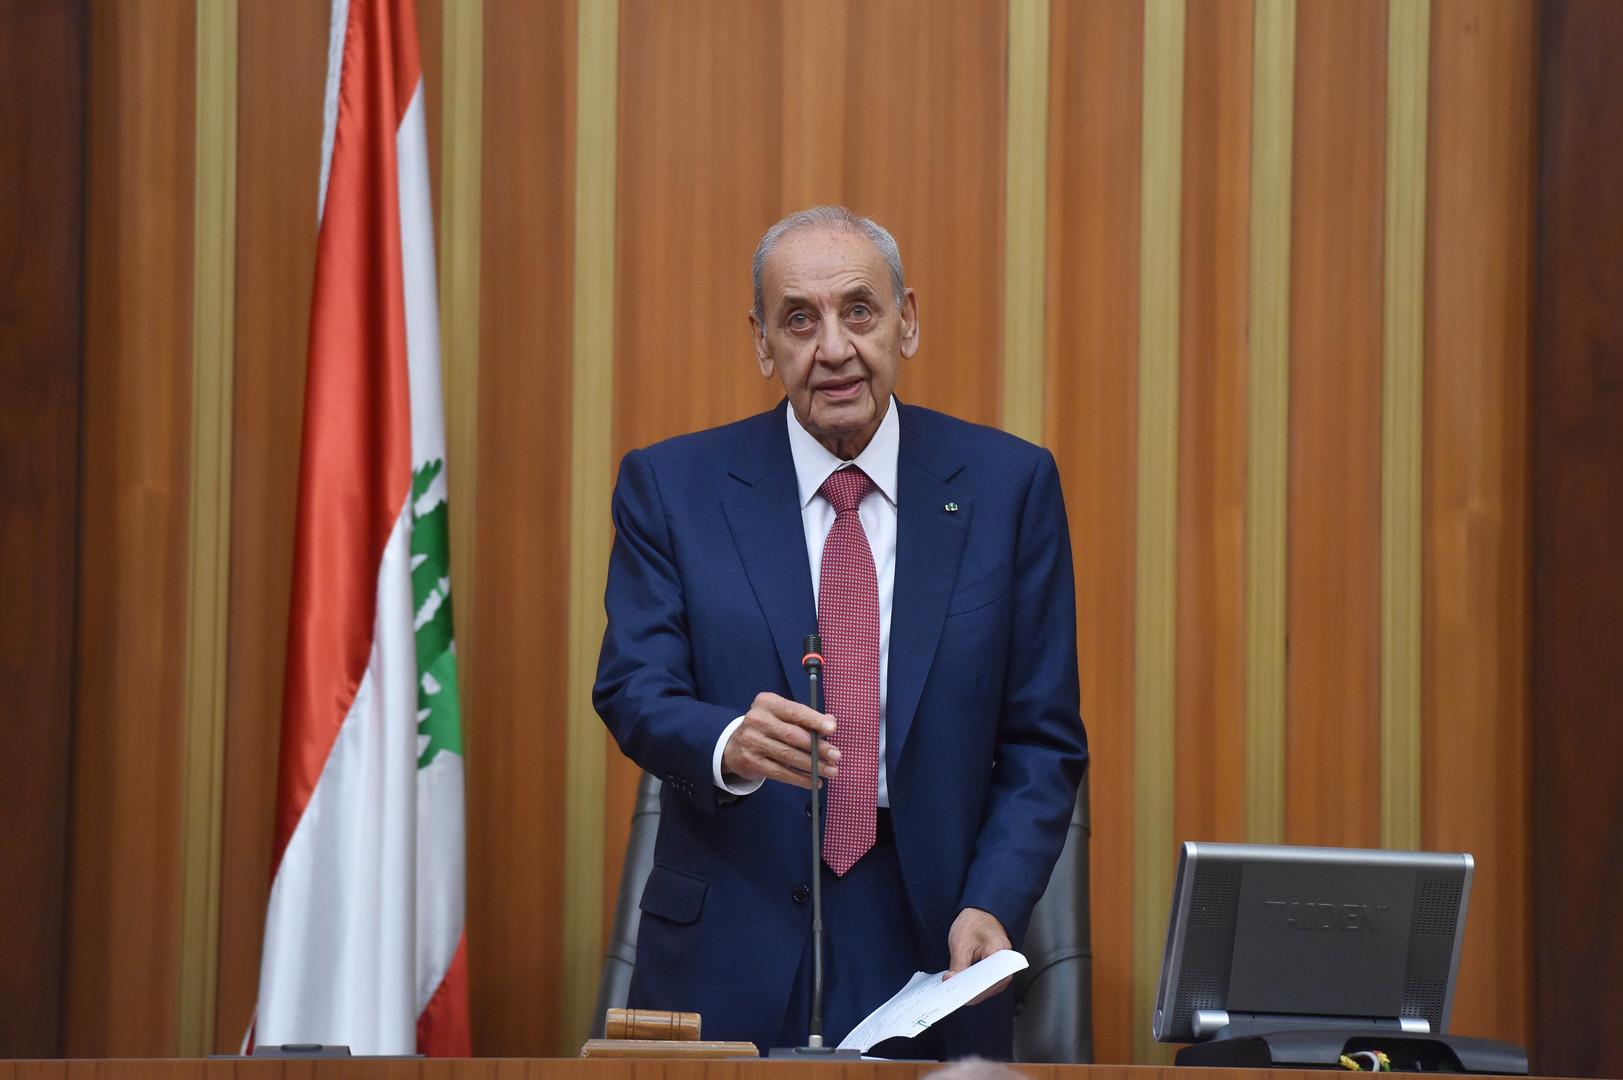 بري ردا على كوشنر: لبنان لن يكون شريكا في بيع فلسطين بثلاثين من الفضة